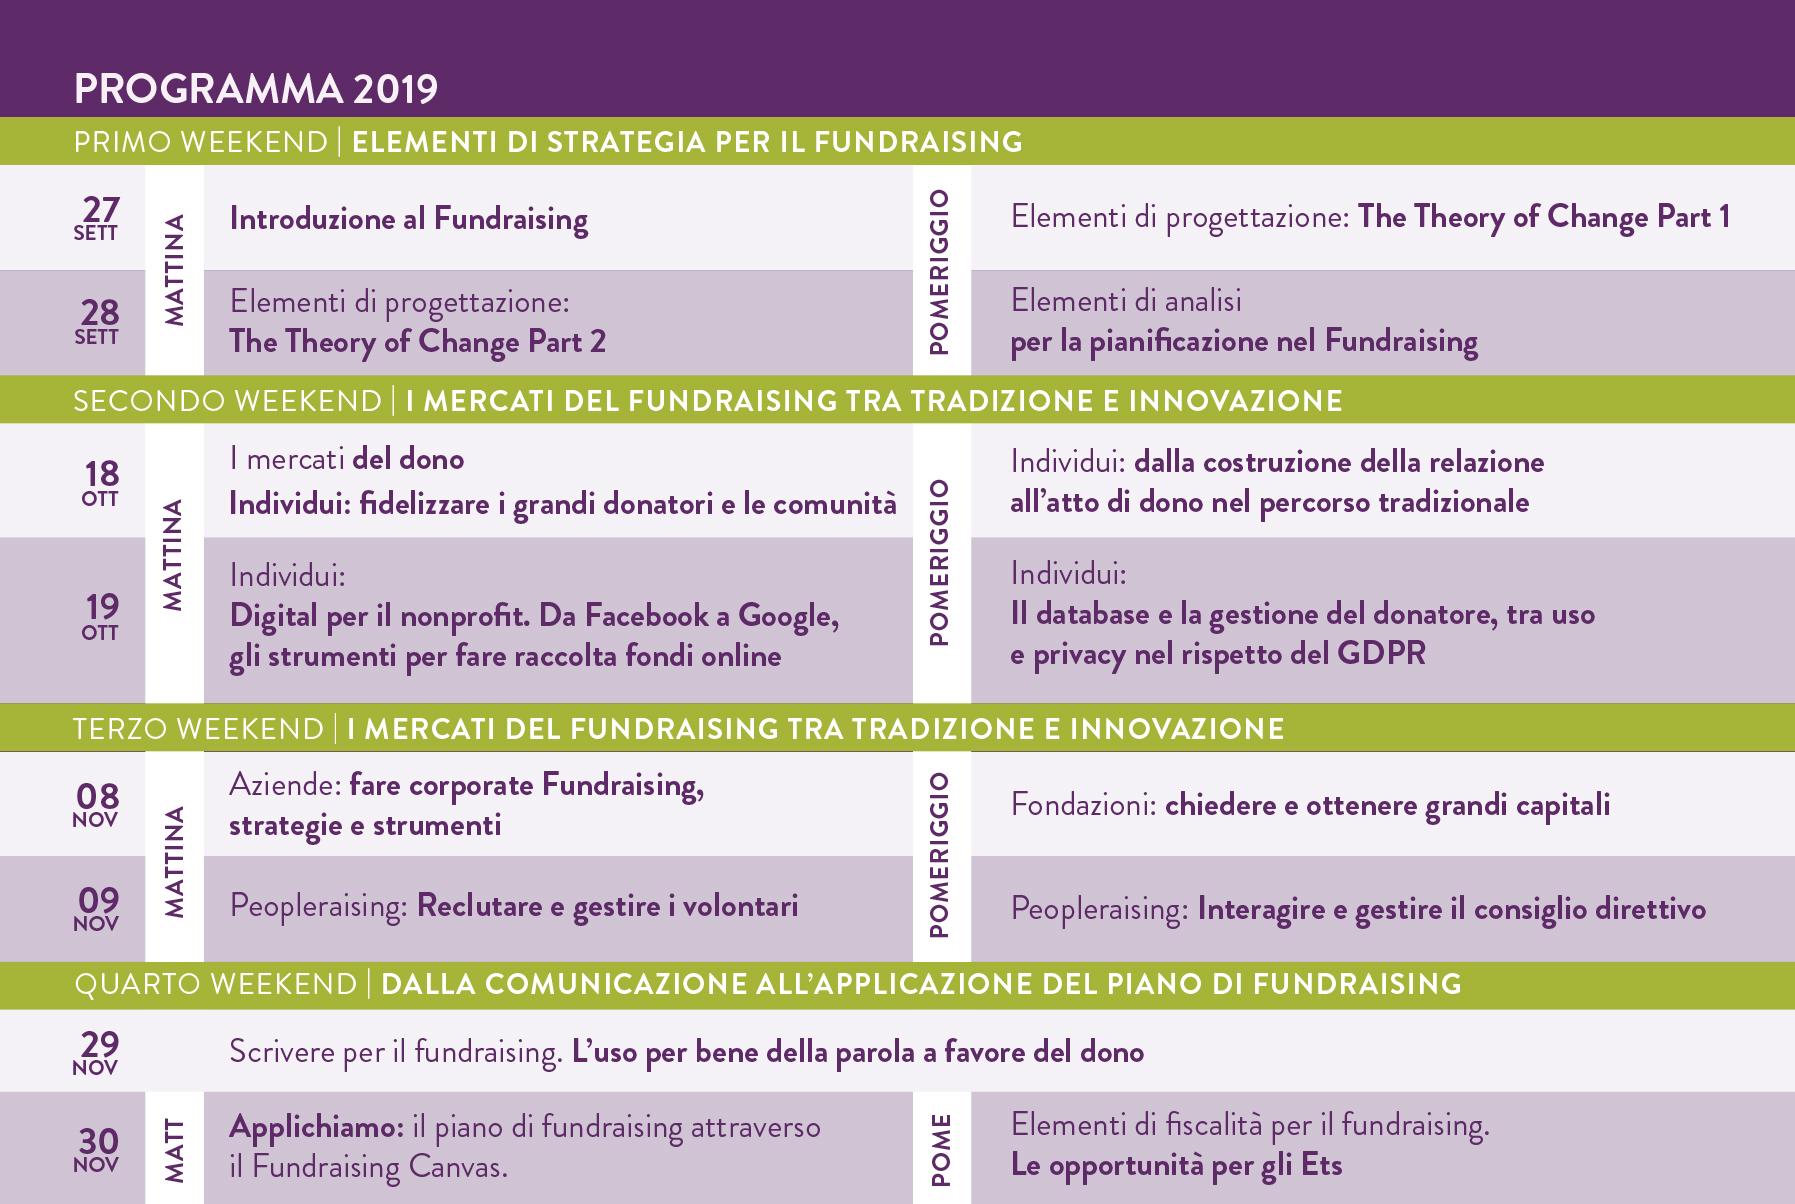 SFUN CARTOLINA PROGRAMMA 2019